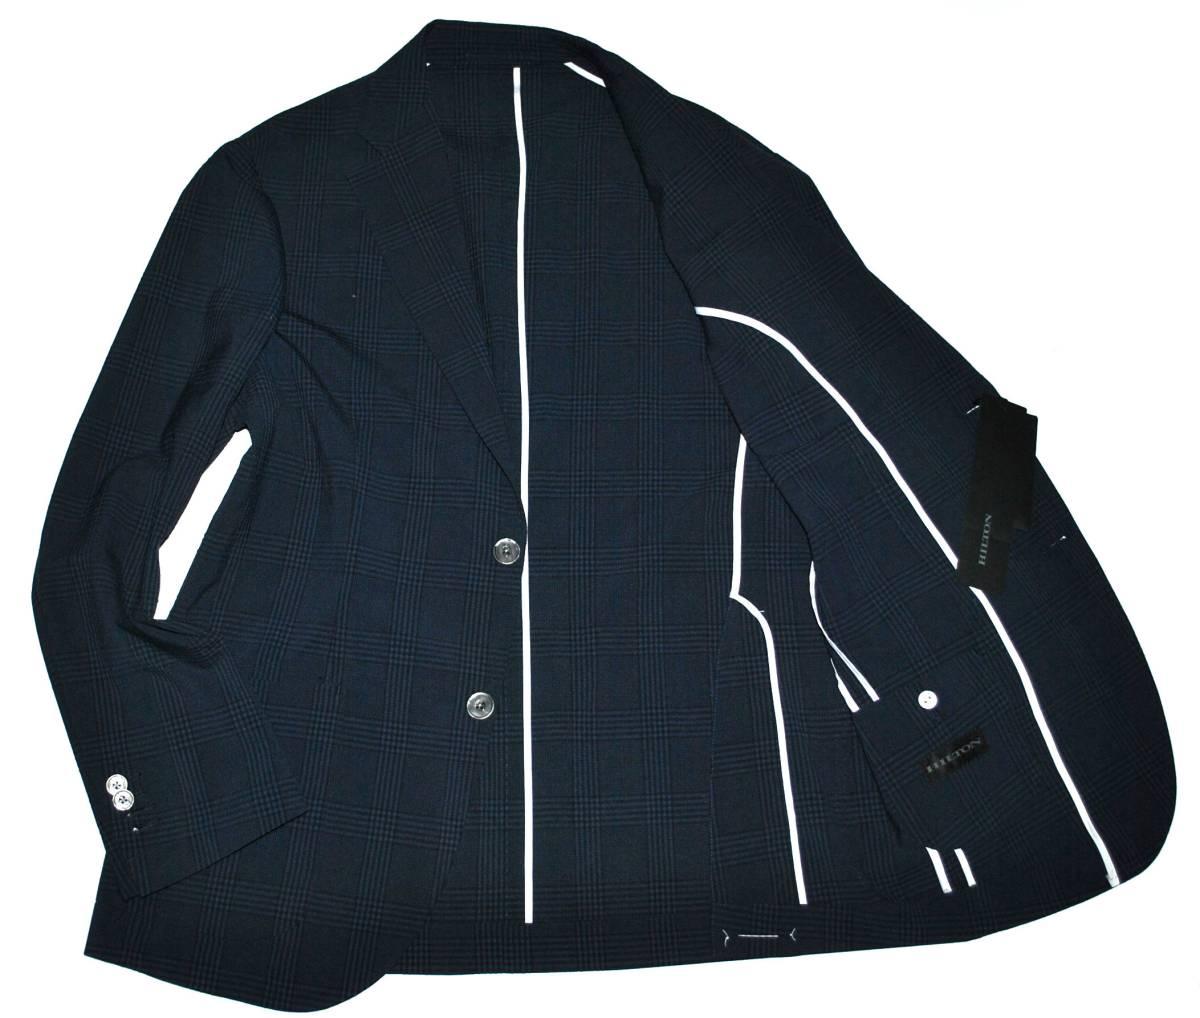 【新品タグ付き】HILTON ヒルトン グレンチェック 濃紺 最高級 ジャケット size L_画像2